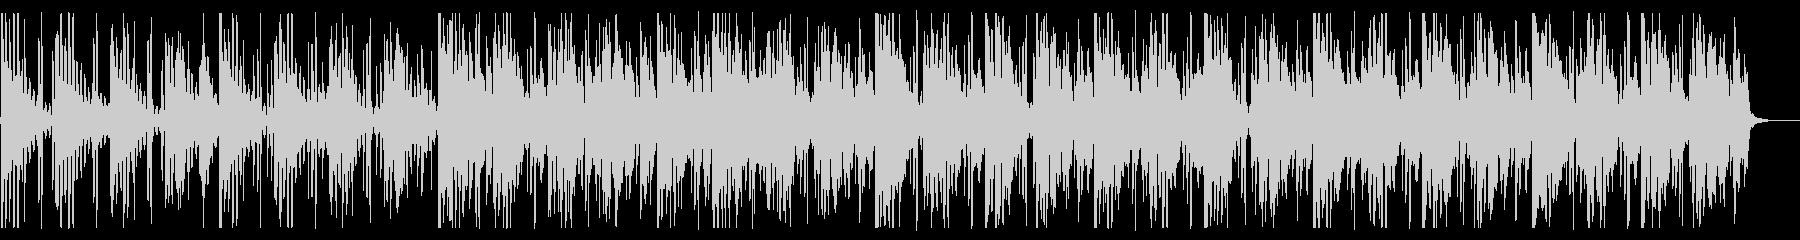 海/生演奏/R&B_No607_2の未再生の波形